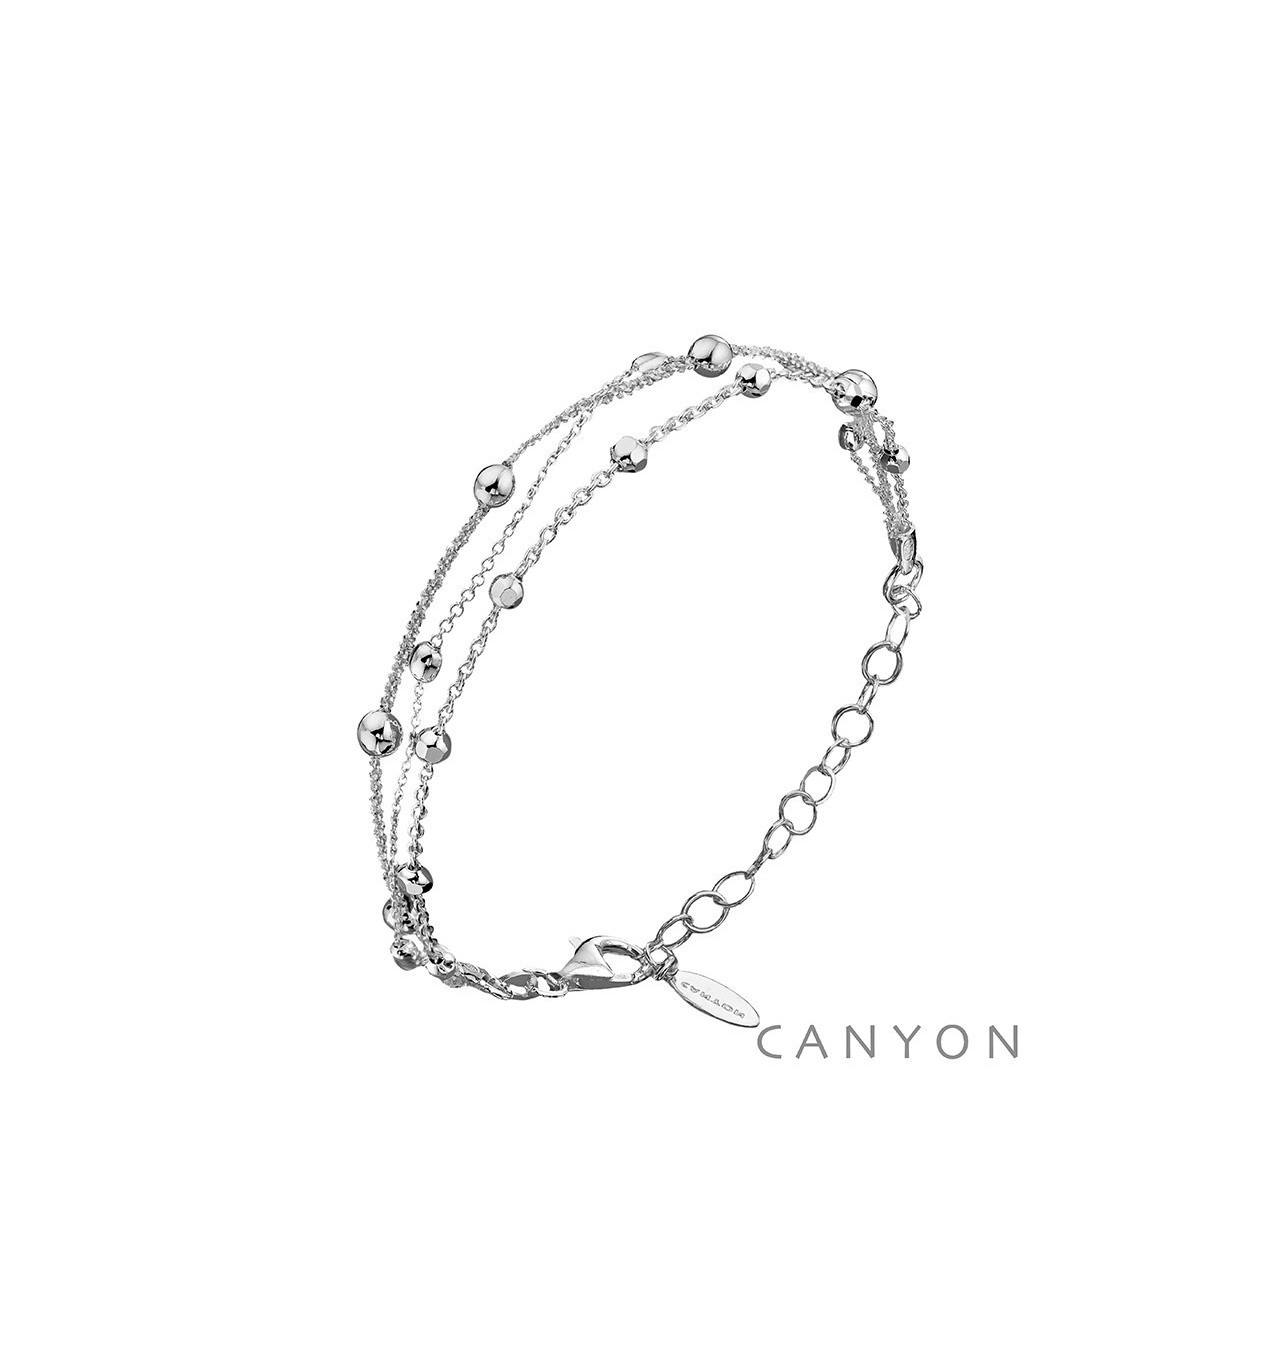 Bracelet petites billes-3 rangs-CANYON en argent 925/1000-E-Shop bijoux-totem.fr